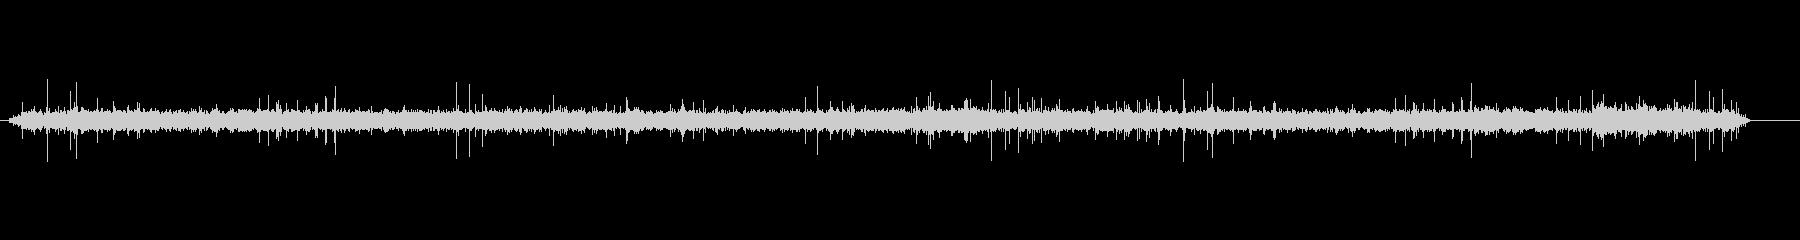 デパート-声-PA広告の未再生の波形